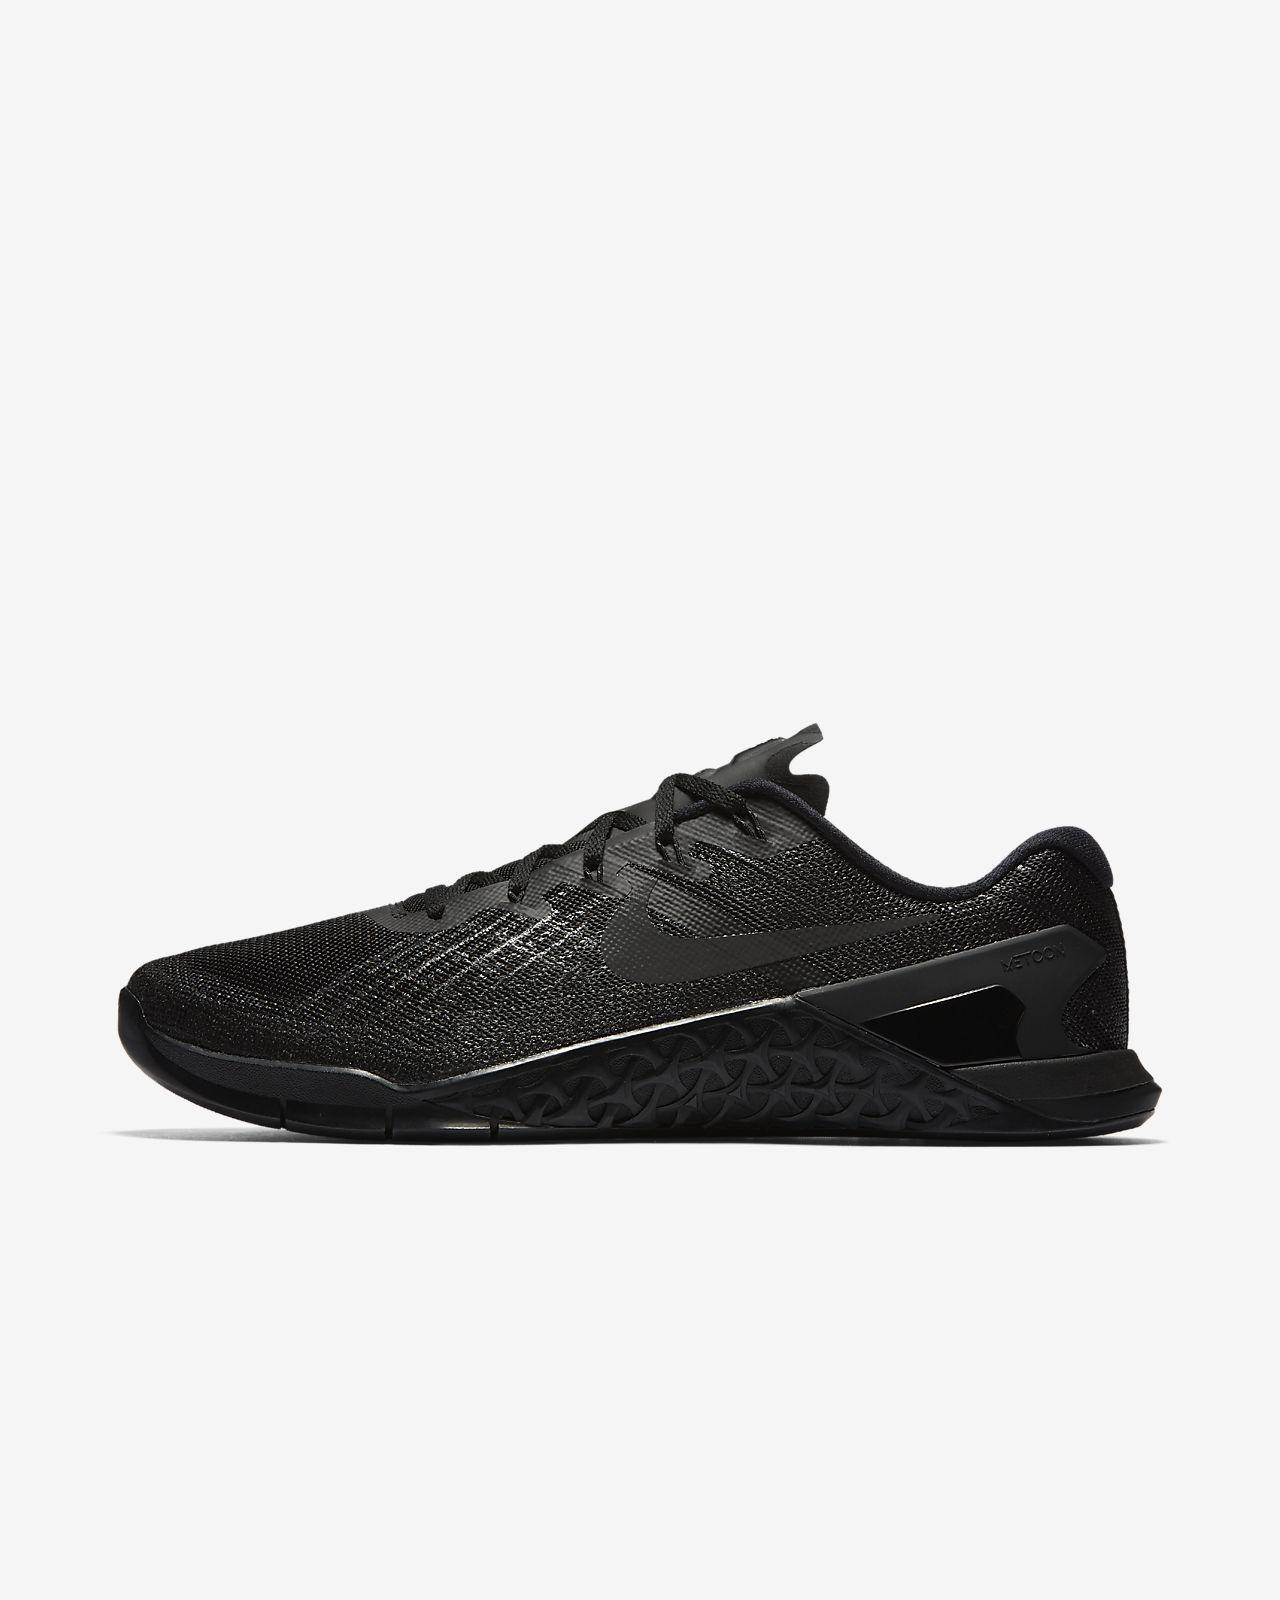 Nike Metcon 3 Herren-Trainingsschuh